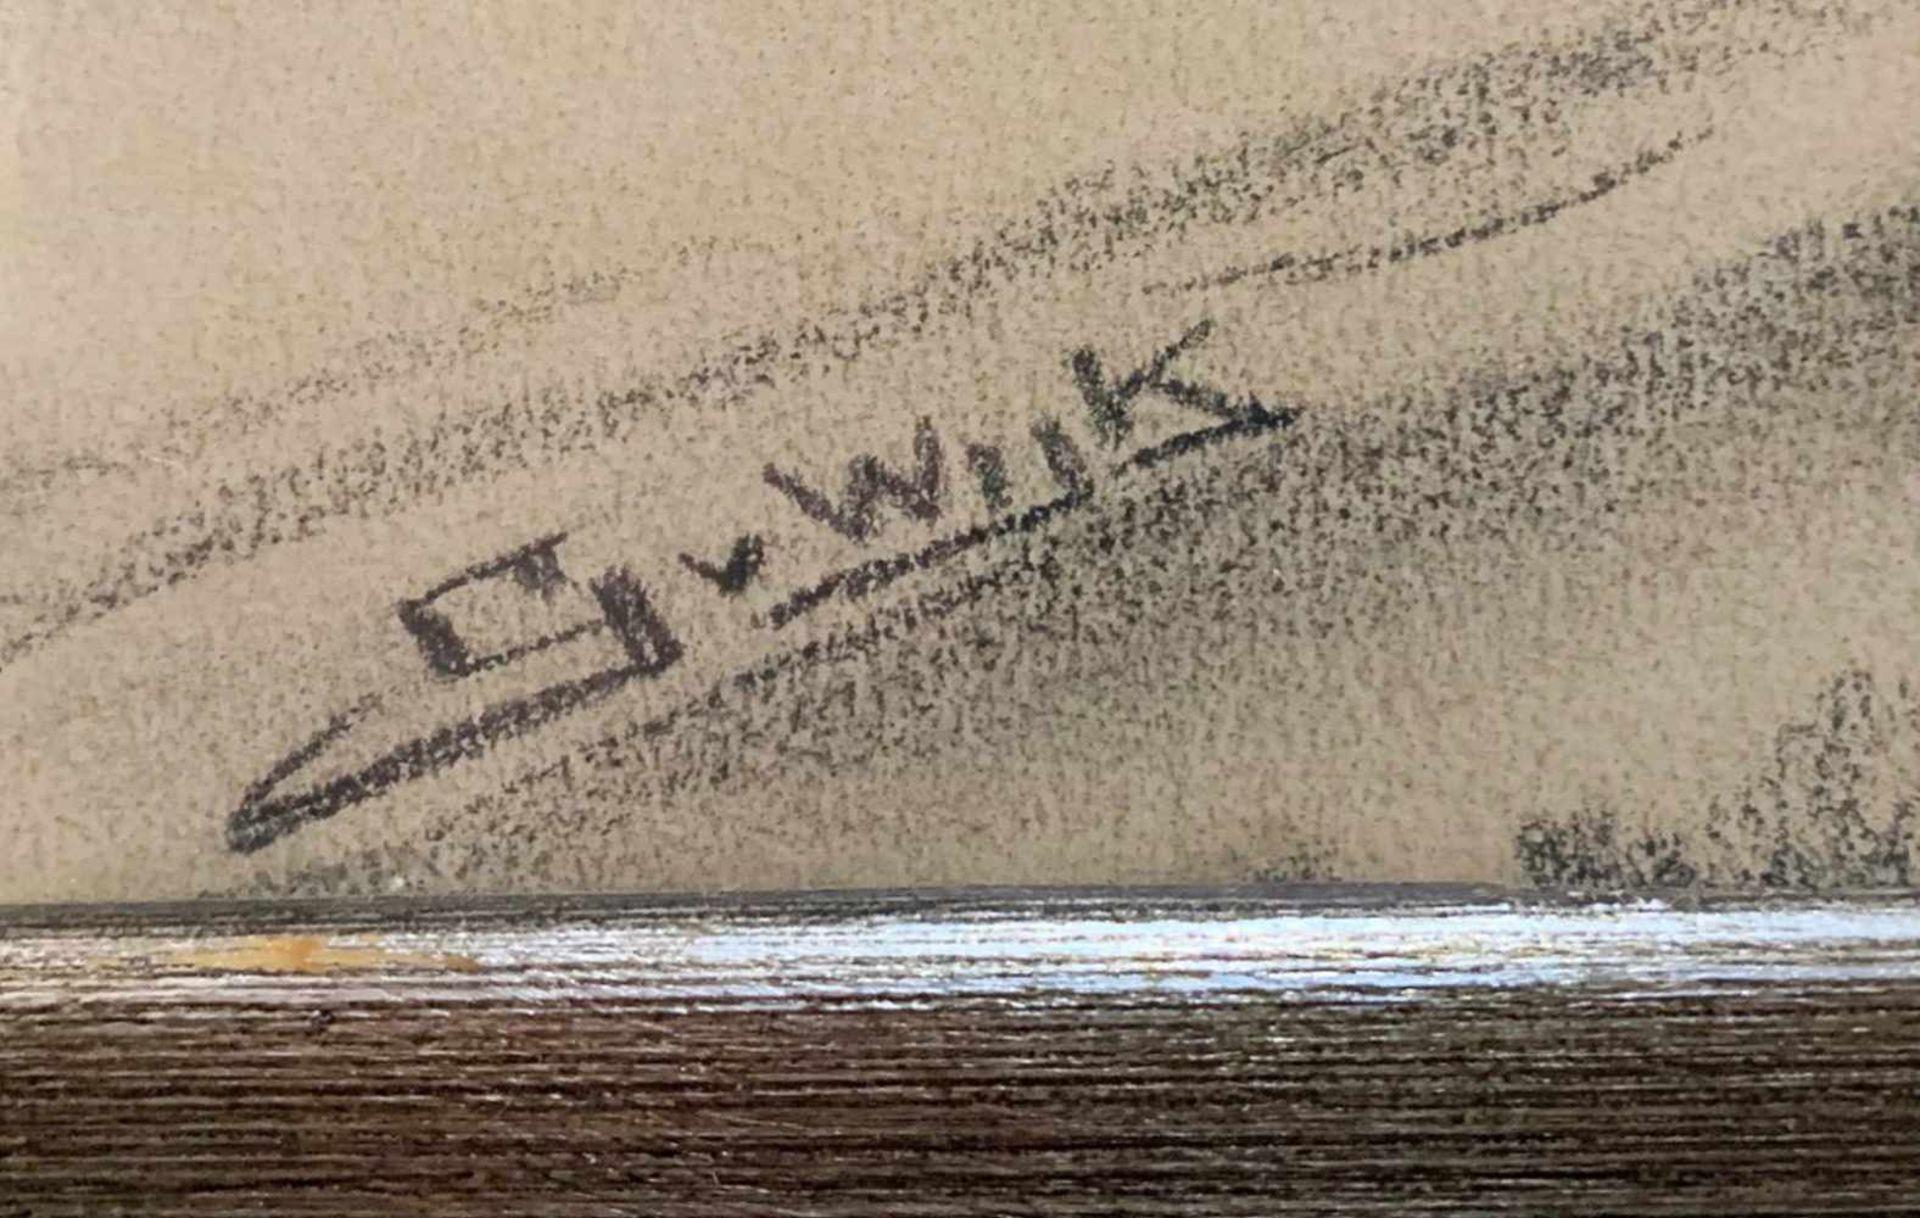 """""""Sterbendes Pferd"""" - G. van Wijk (20. Jahrhundert)Kohlezeichnung, Familie mit Planwagen in - Bild 2 aus 2"""